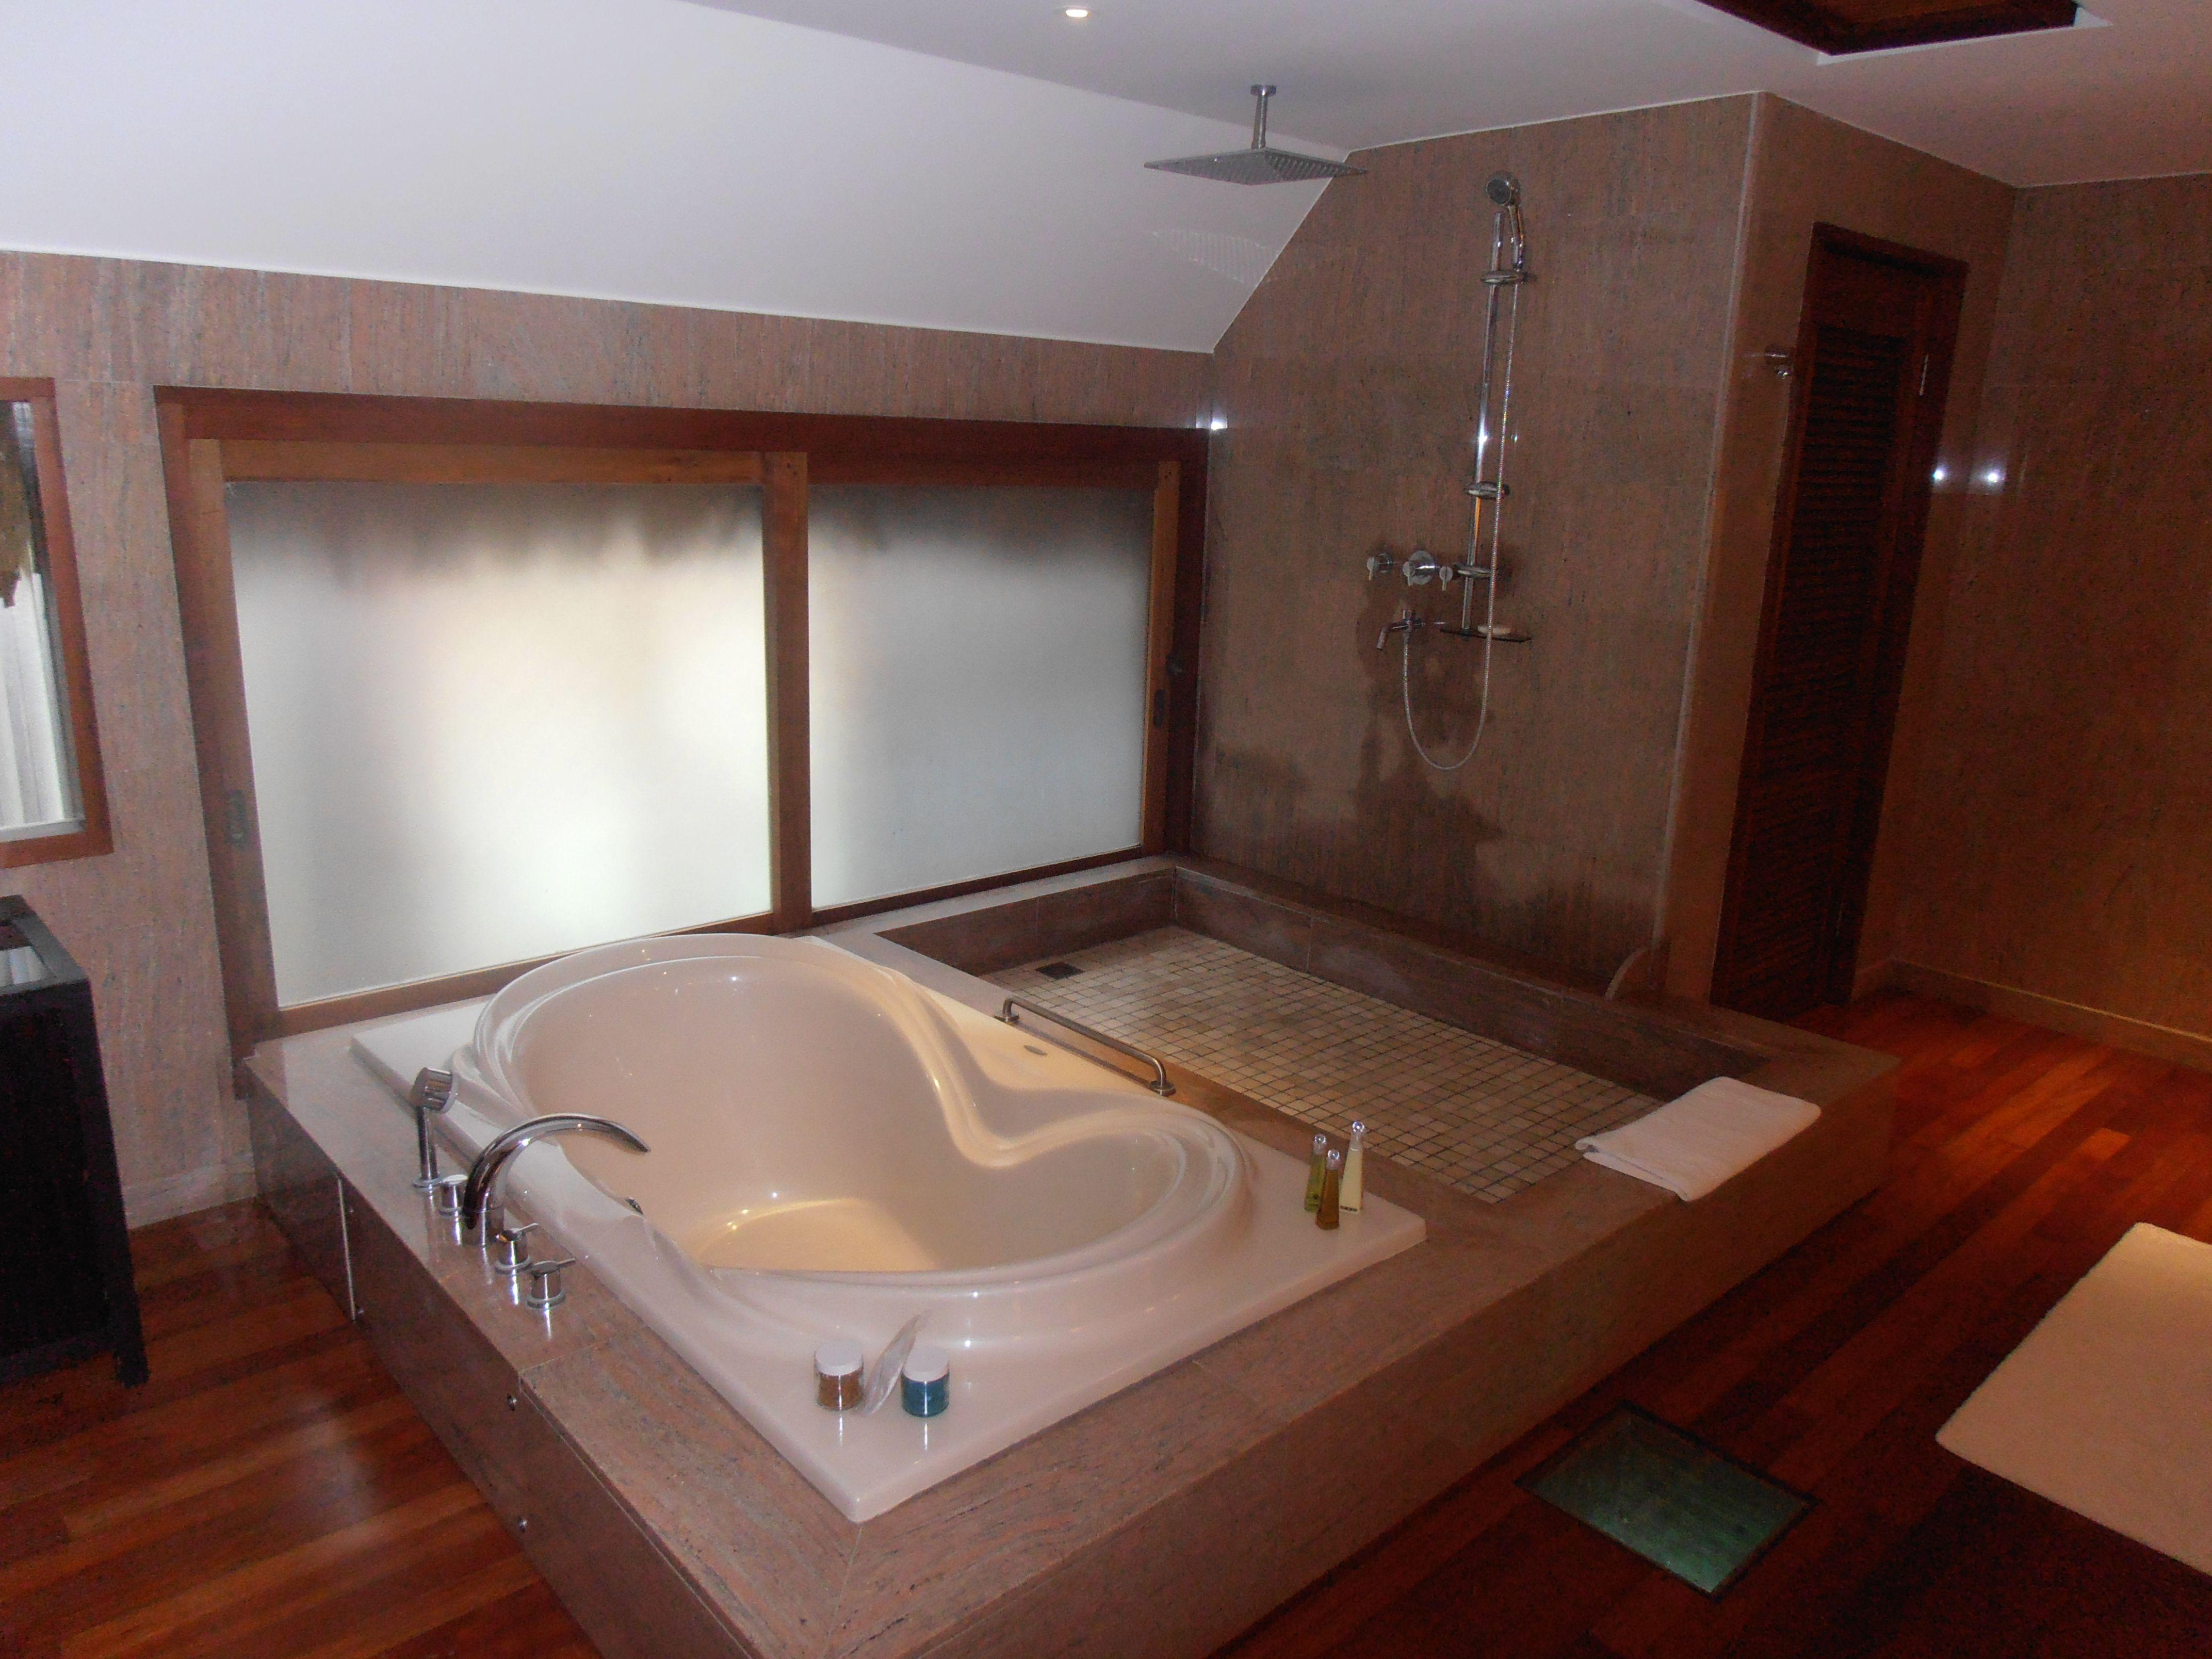 Bathroom In Overwater Bungalow At St Regis Bora Bora